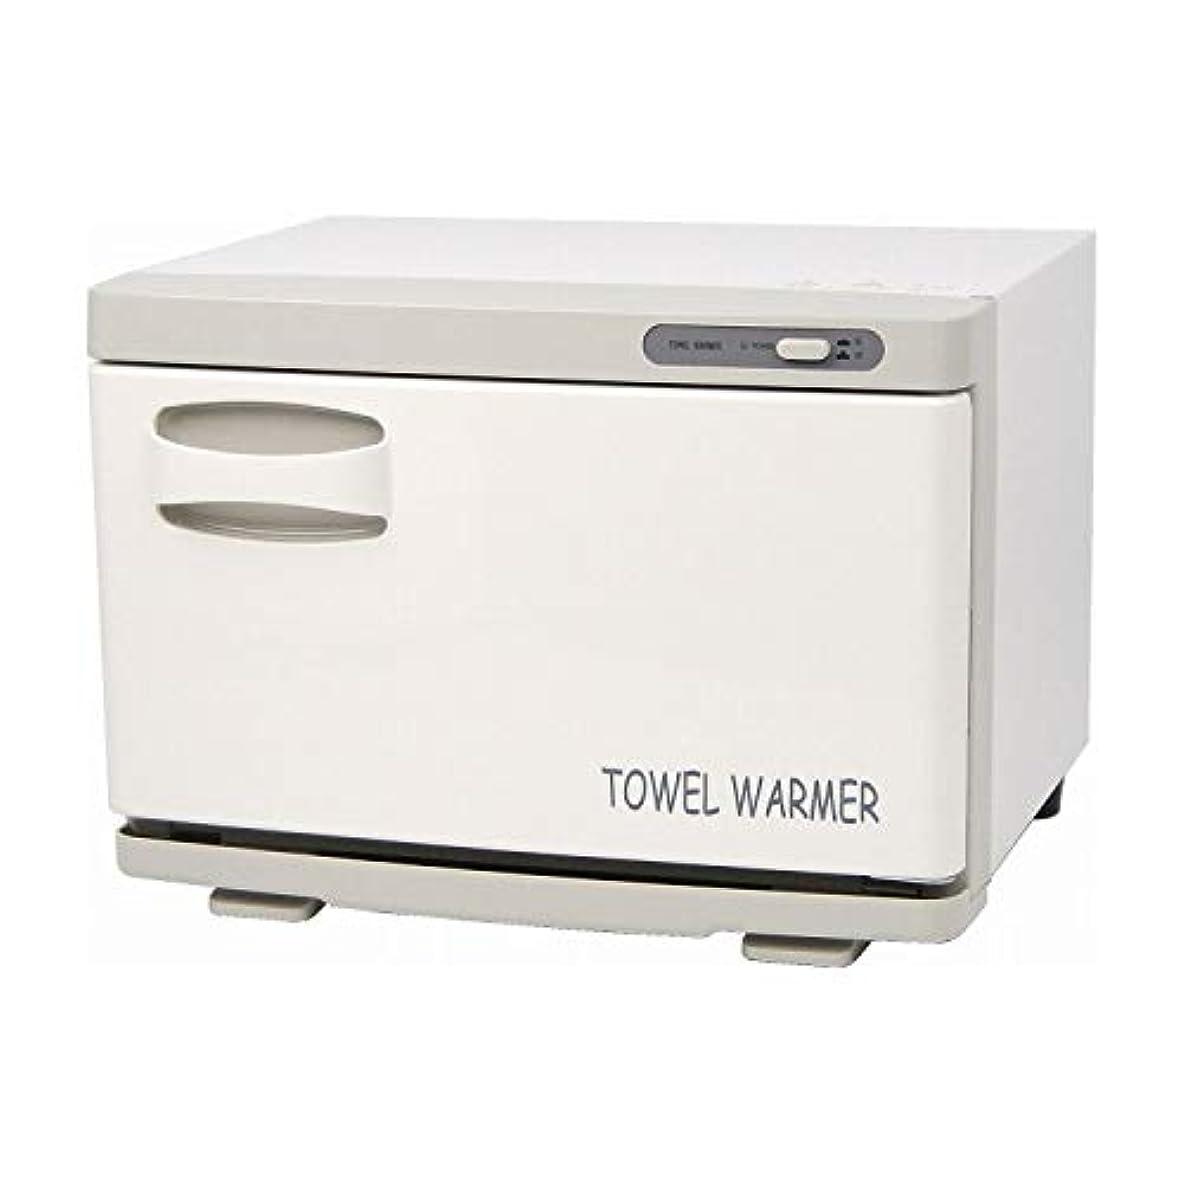 葉巻独立した深いタオルウォーマー TW-12F[ホワイト前開き]新品 おしぼり蒸し器 おしぼりウォーマー ホットウォーマー タオル蒸し器 タオルウオーマー ホットボックス